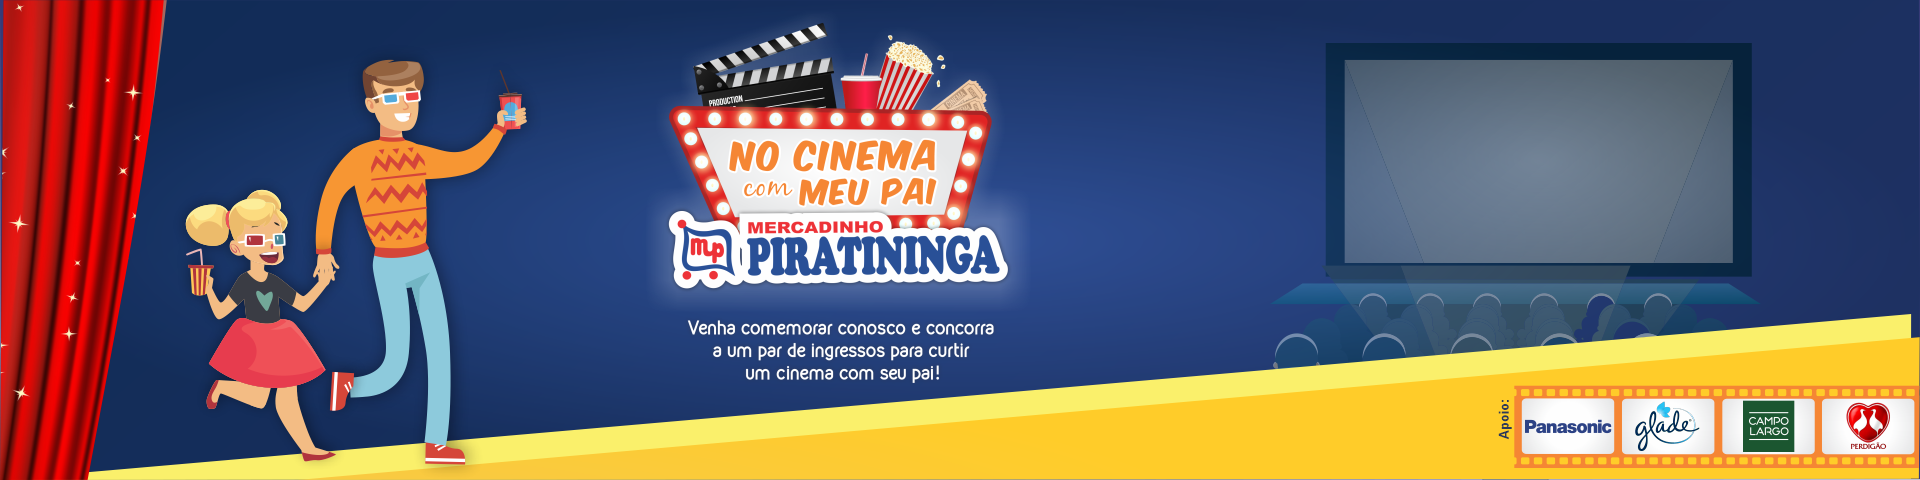 """Promoção Relâmpago """"No Cinema com meu Pai""""!"""